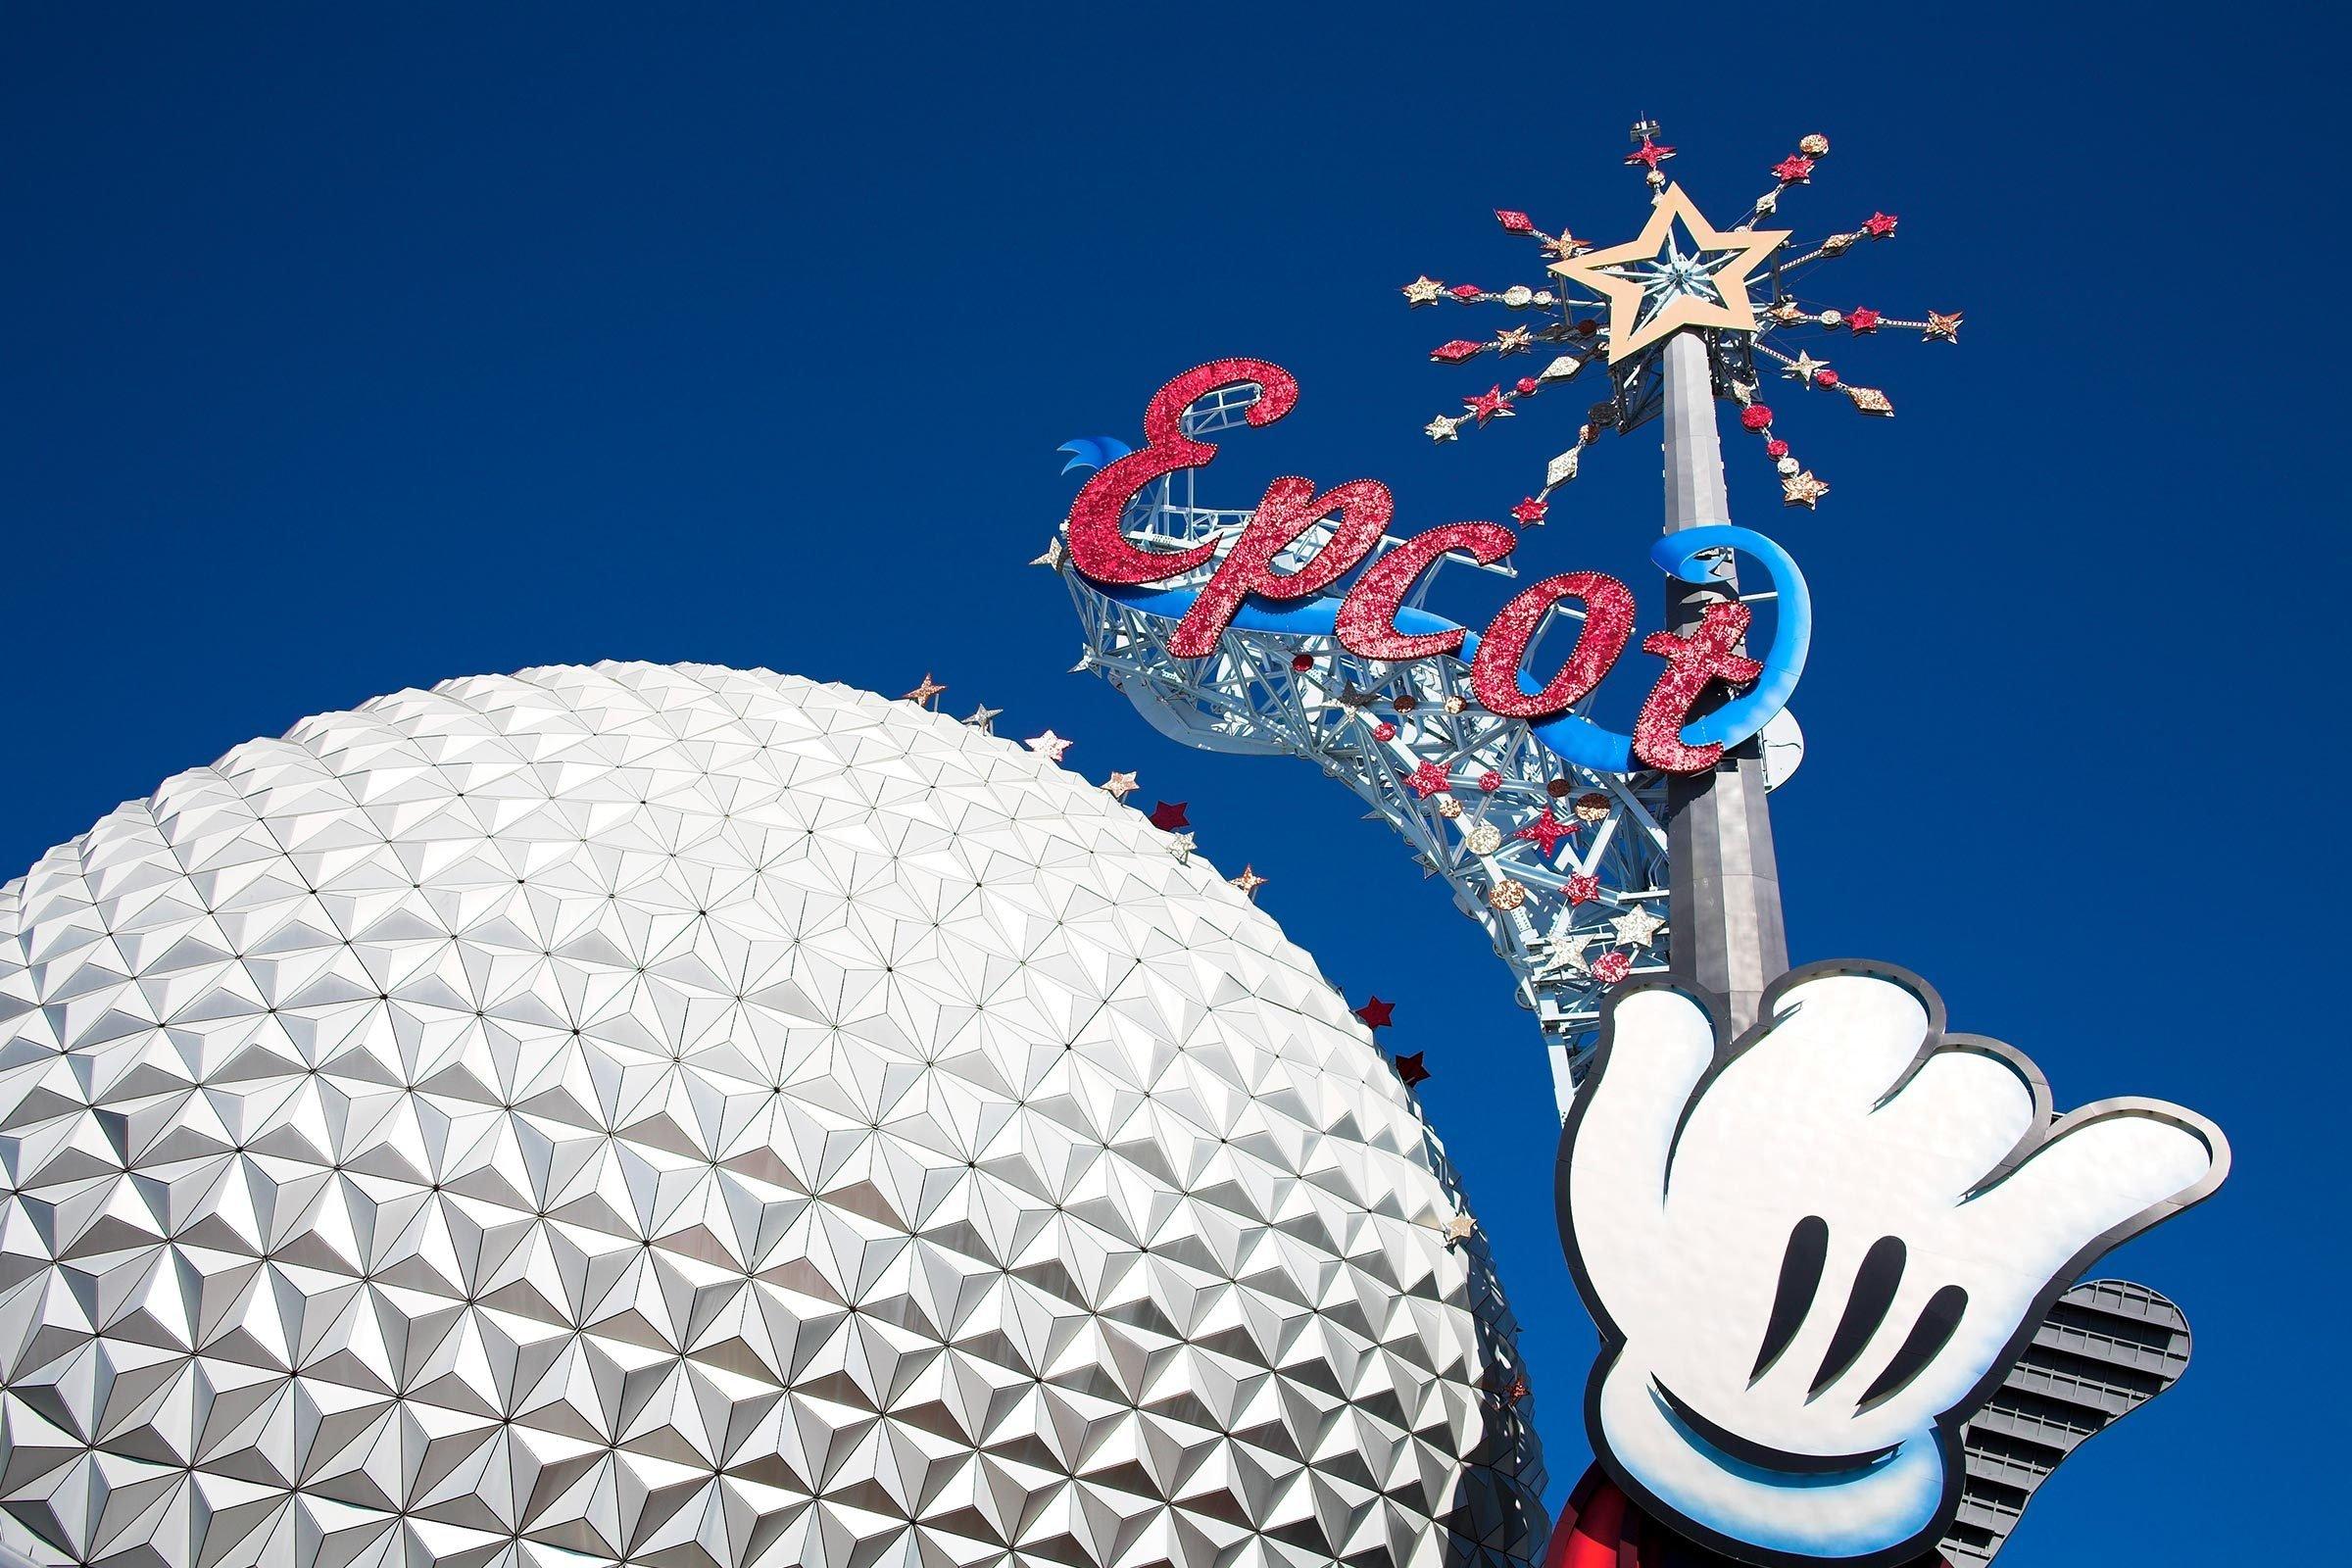 Epcot Disney park